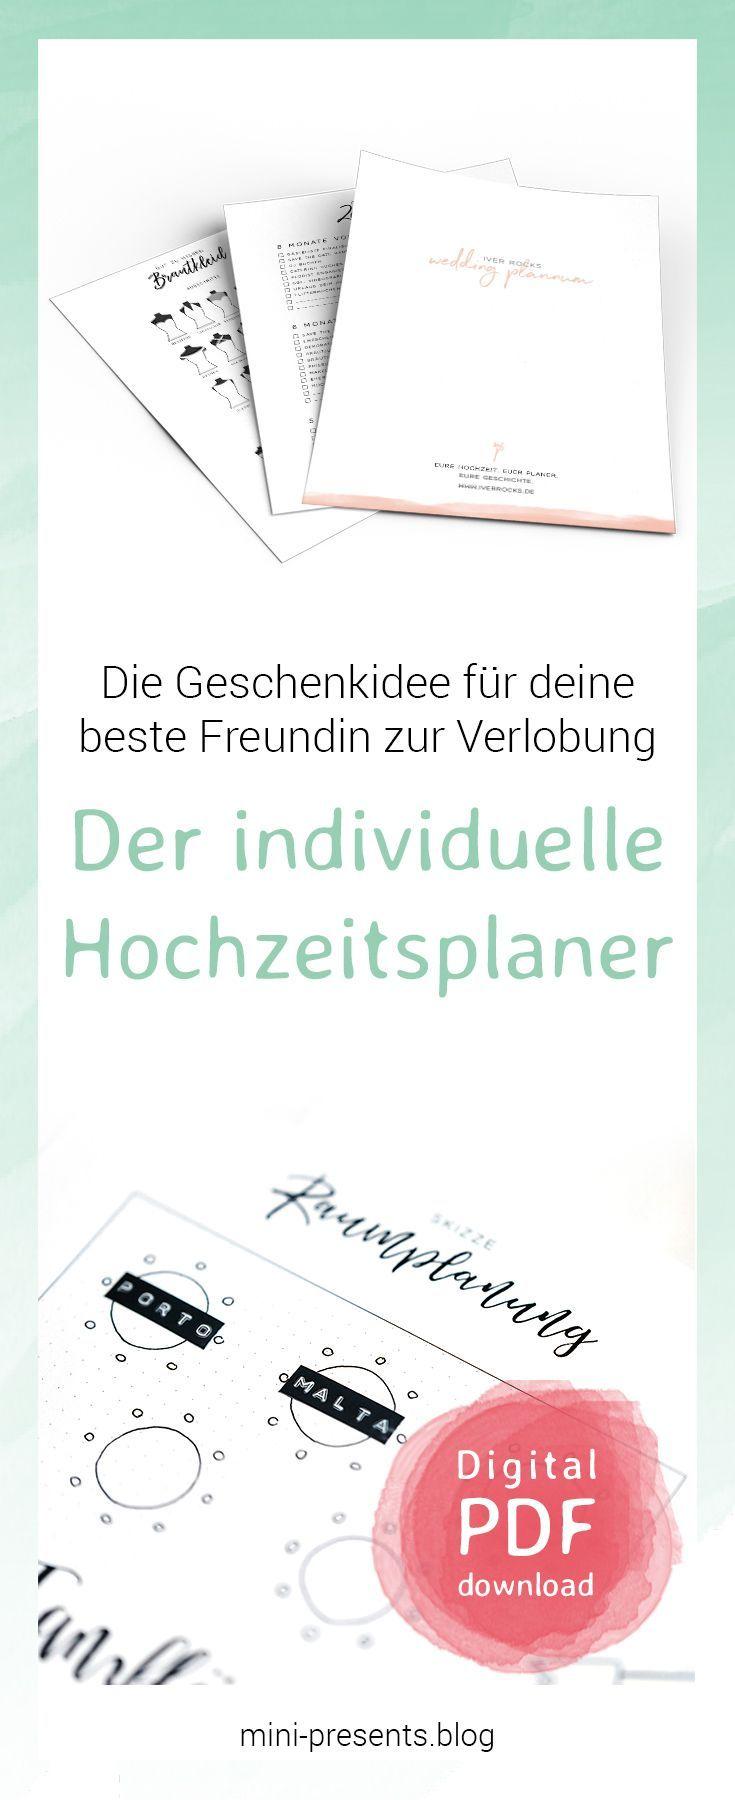 Das Geschenk Fur Die Beste Freundin Hochzeitsplaner Zum Ausdrucken Mini Presents Blog Hochzeitsplanung Geschenke Diy Hochzeit Planen